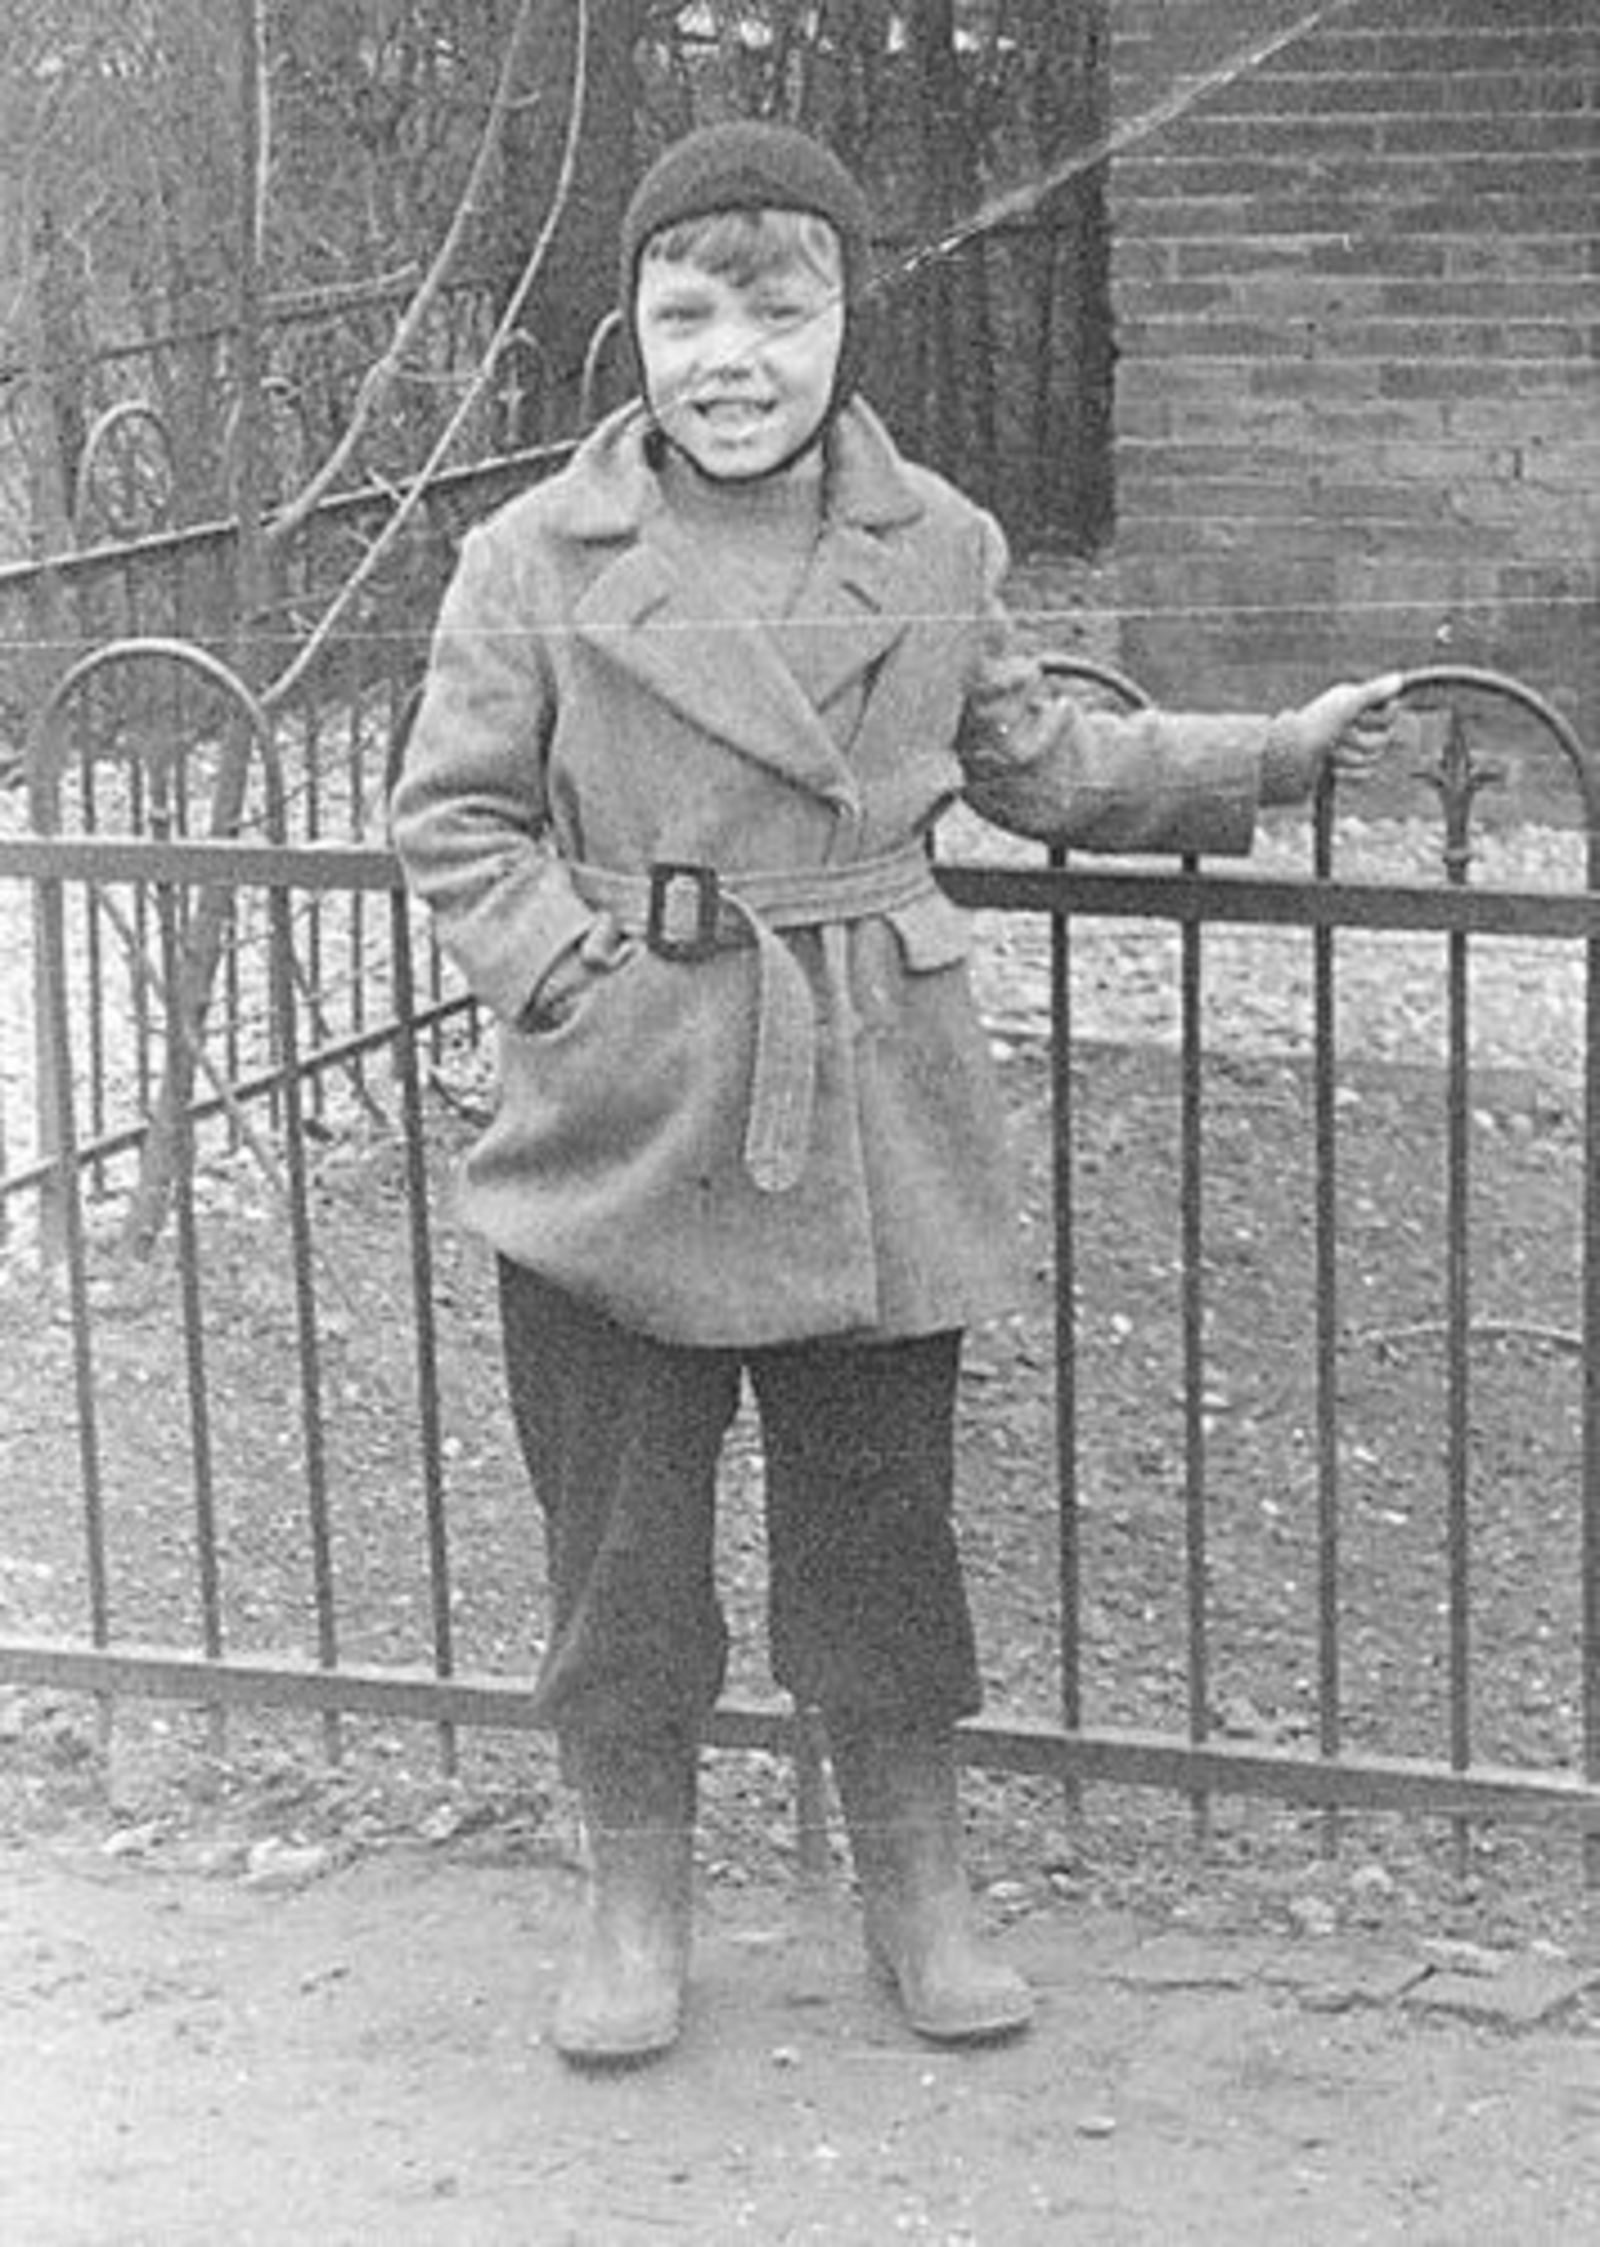 <b>ZOEKPLAATJE:</b>Onbekend Jongen 1952 Cees Friderijks of Frederiks